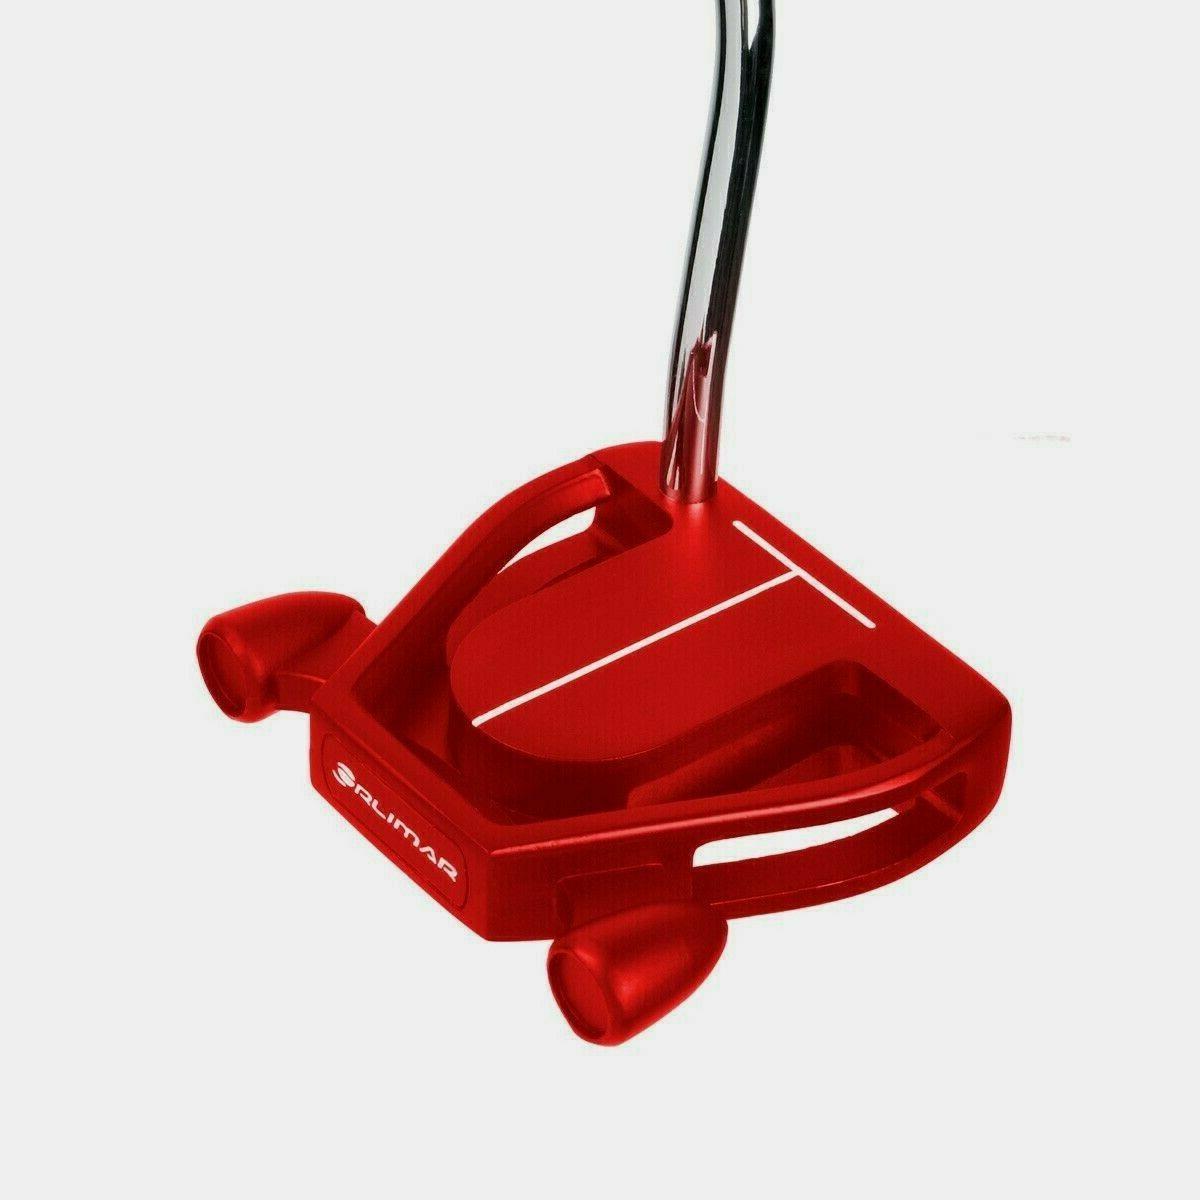 golf f80 mallet putter 35 left handed